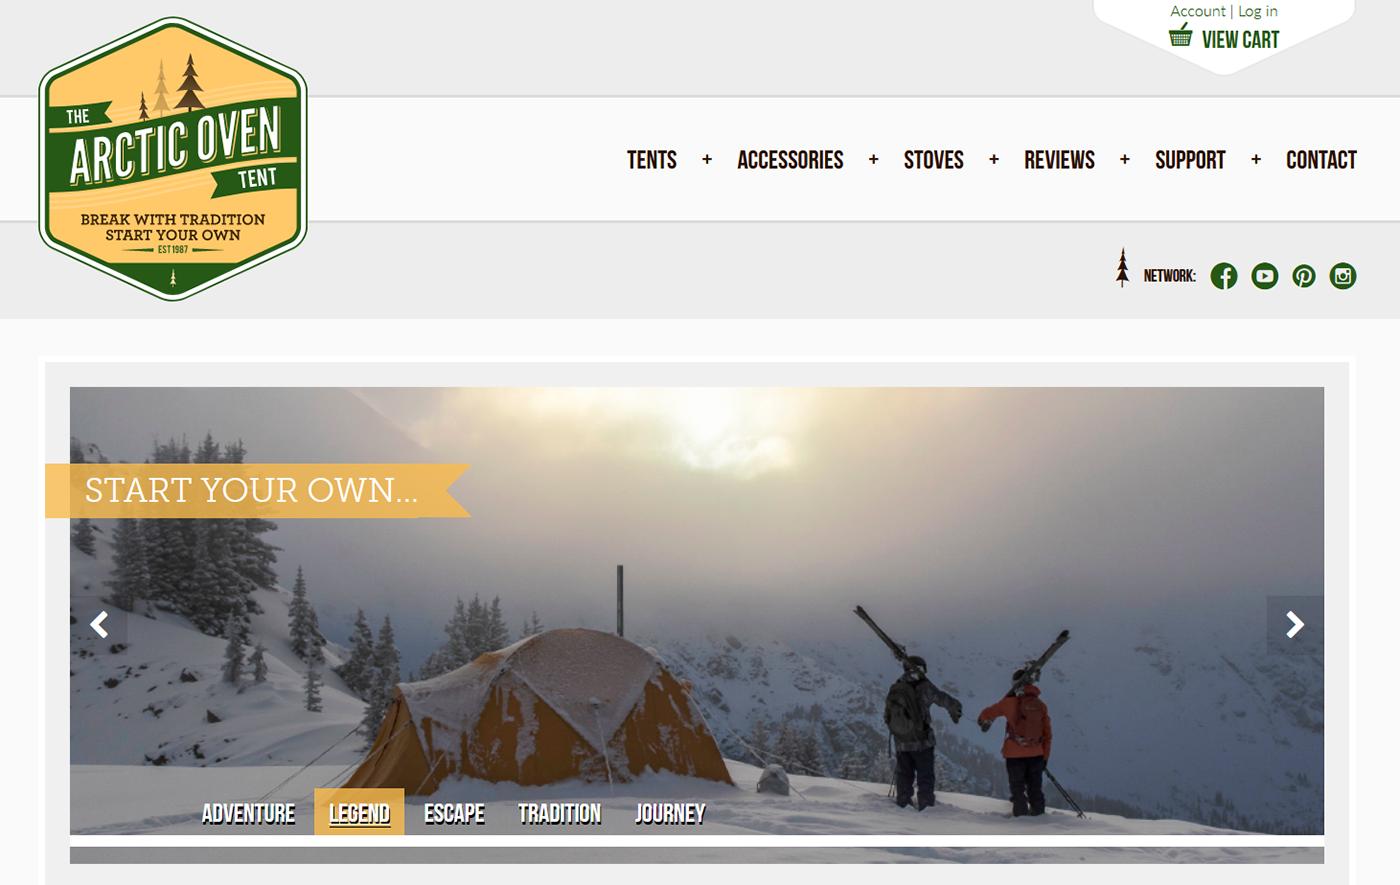 Image may contain: screenshot, abstract and skiing